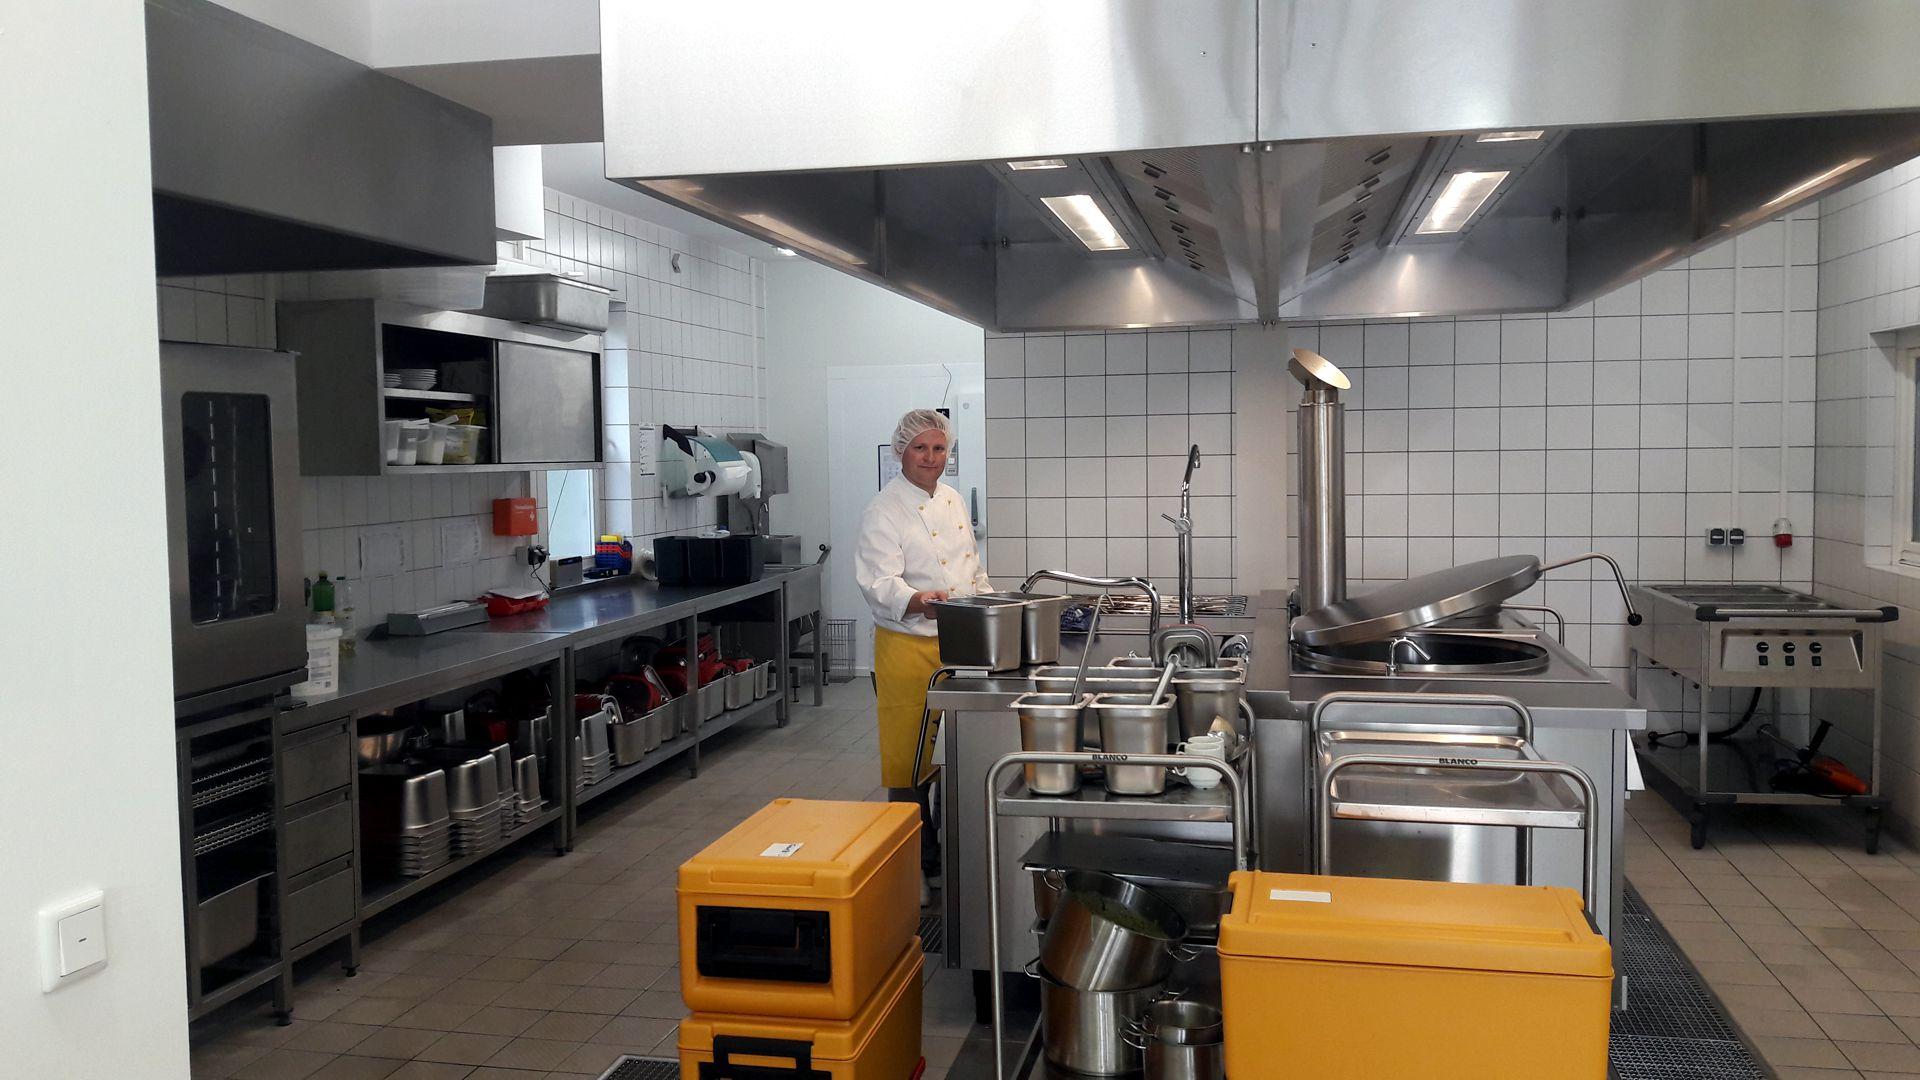 Outdoor Küche Kindergarten : Hygiene küche kindergarten 15 reinigungsplan kindergarten muster 2